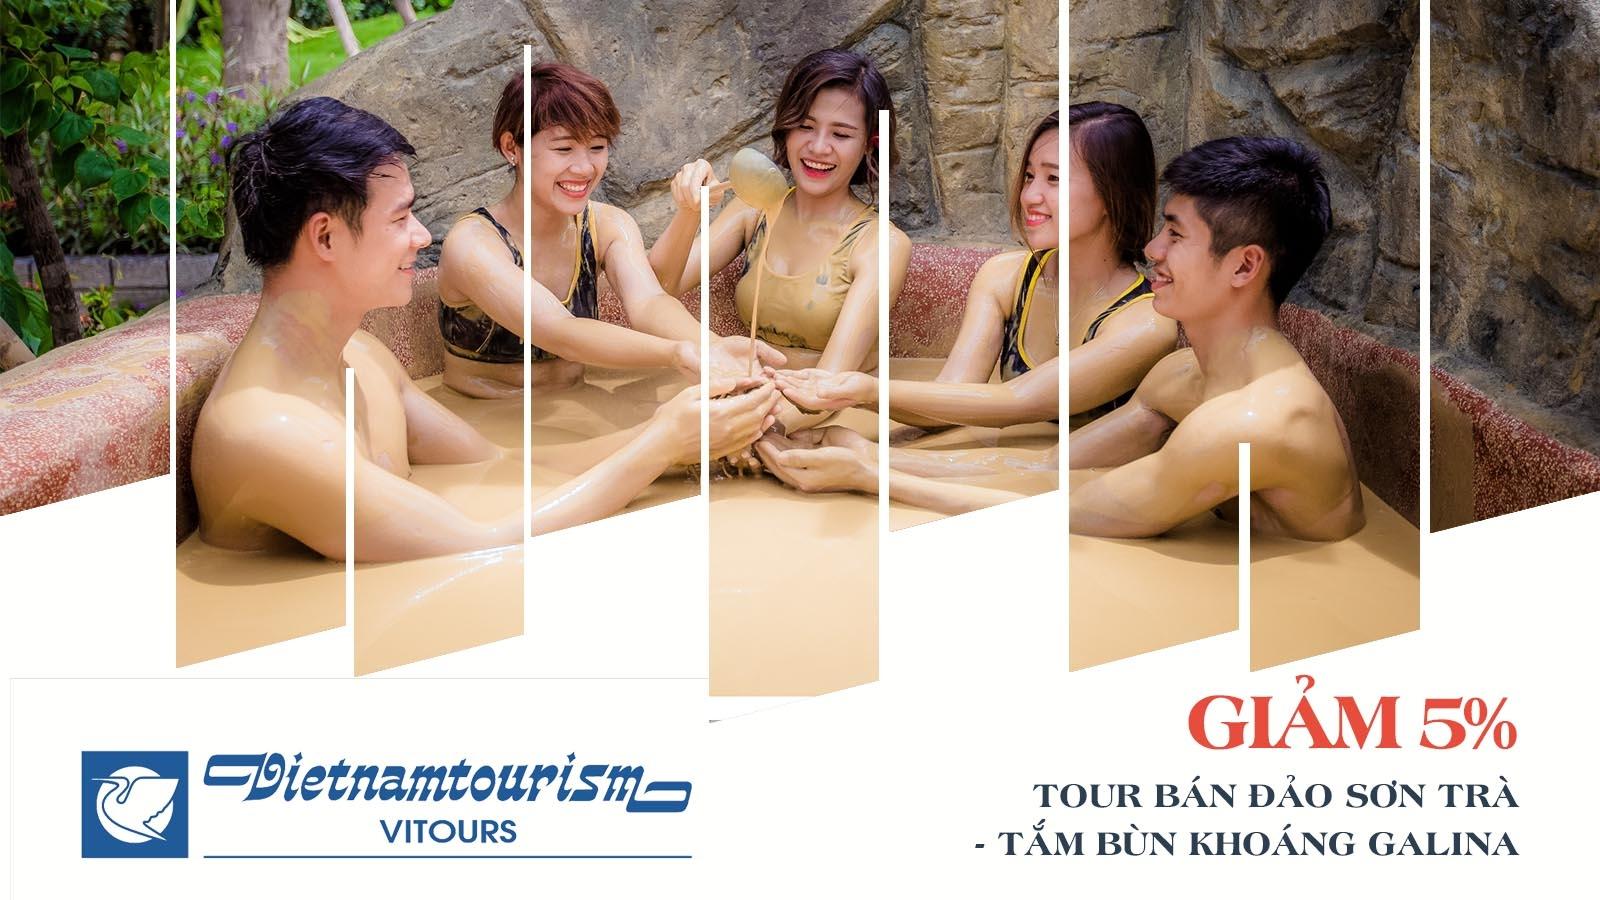 Vitours giảm 5% Tour bán đảo Sơn Trà - Tắm bùn khoáng Galina 2